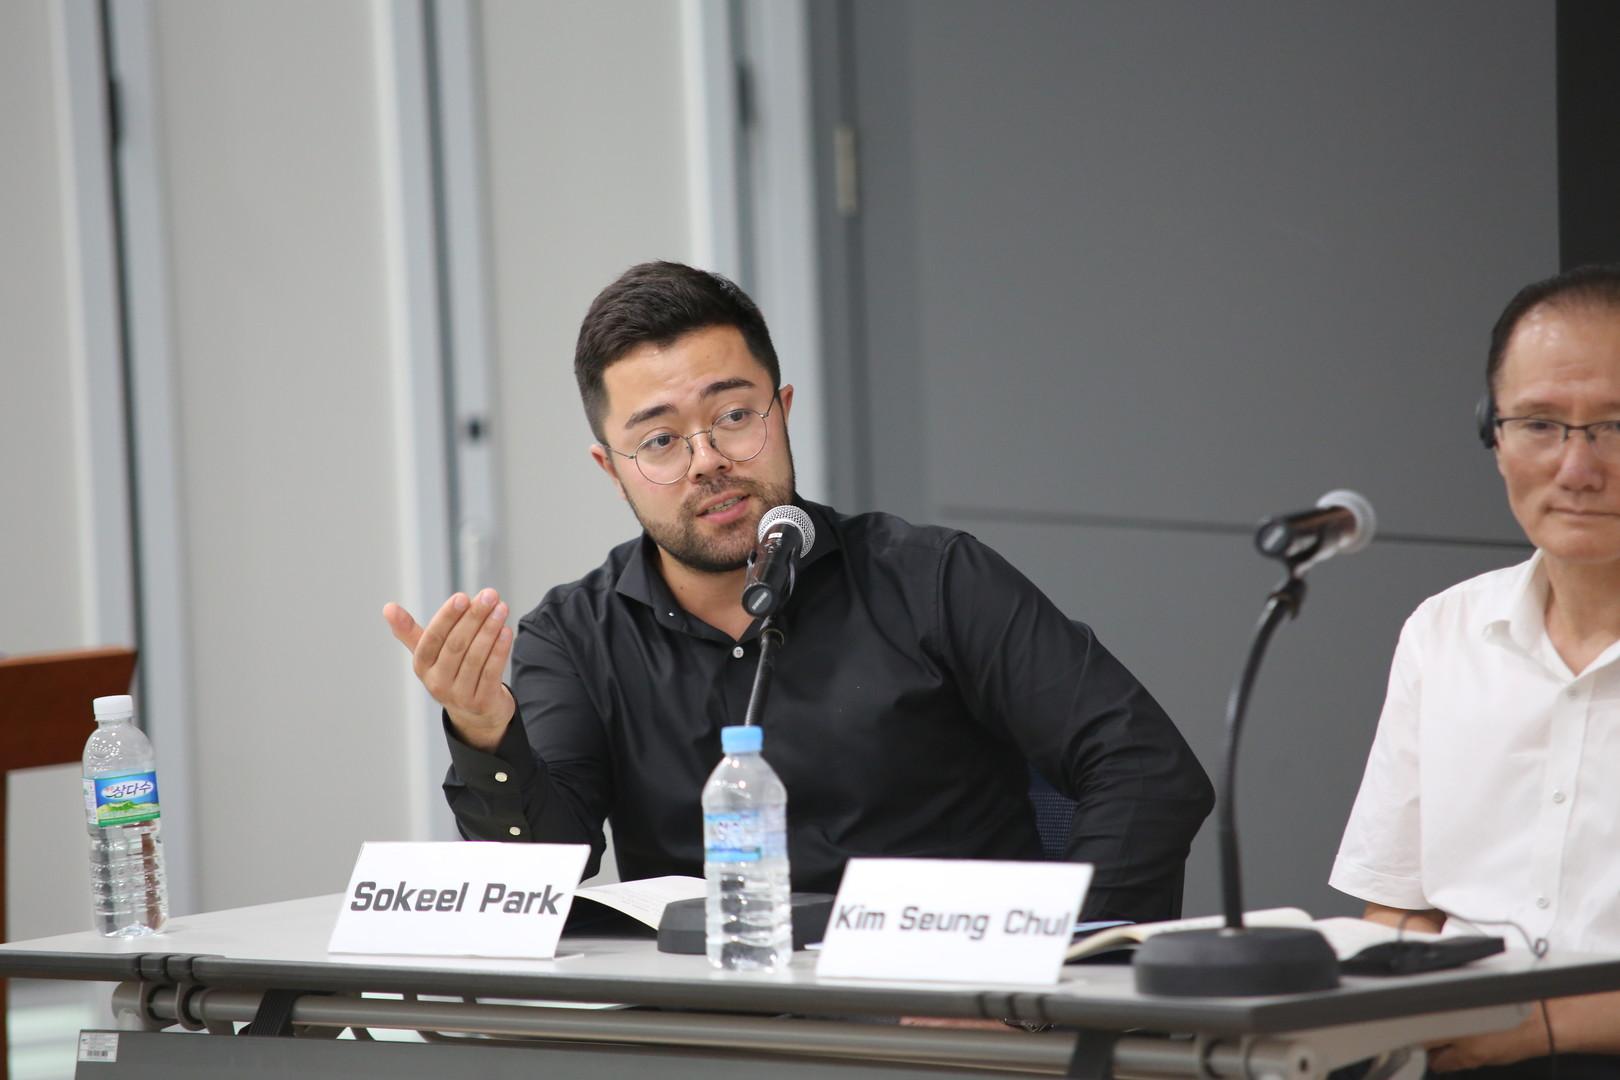 """Nord-Korea-Experte Sokeel Park im Gespräch mit RT Deutsch: """"Nordkorea auf dem Weg in eine neue Zeit"""""""